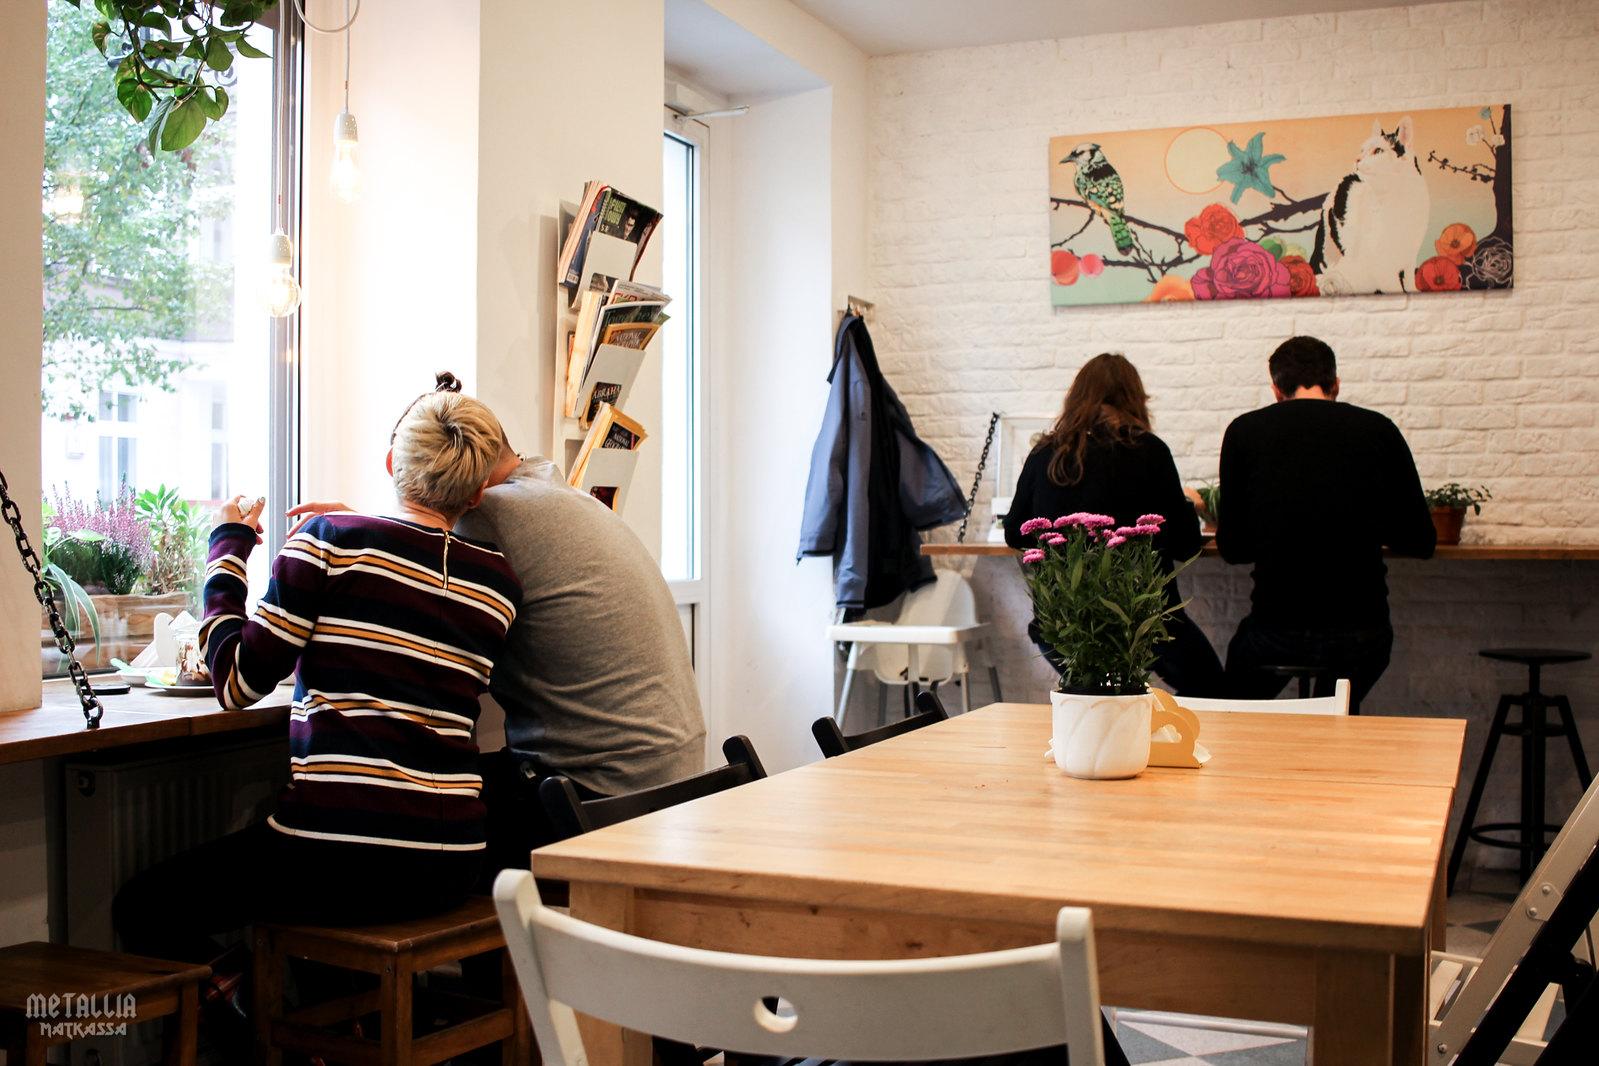 vegaaninen ravintola gdansk, gdanskin ravintolat, ravintolasuosituksia gdanskiin, kasvissyöjänä puolassa, lemmikkiystävällinen ravintola, avocado vegan bistro